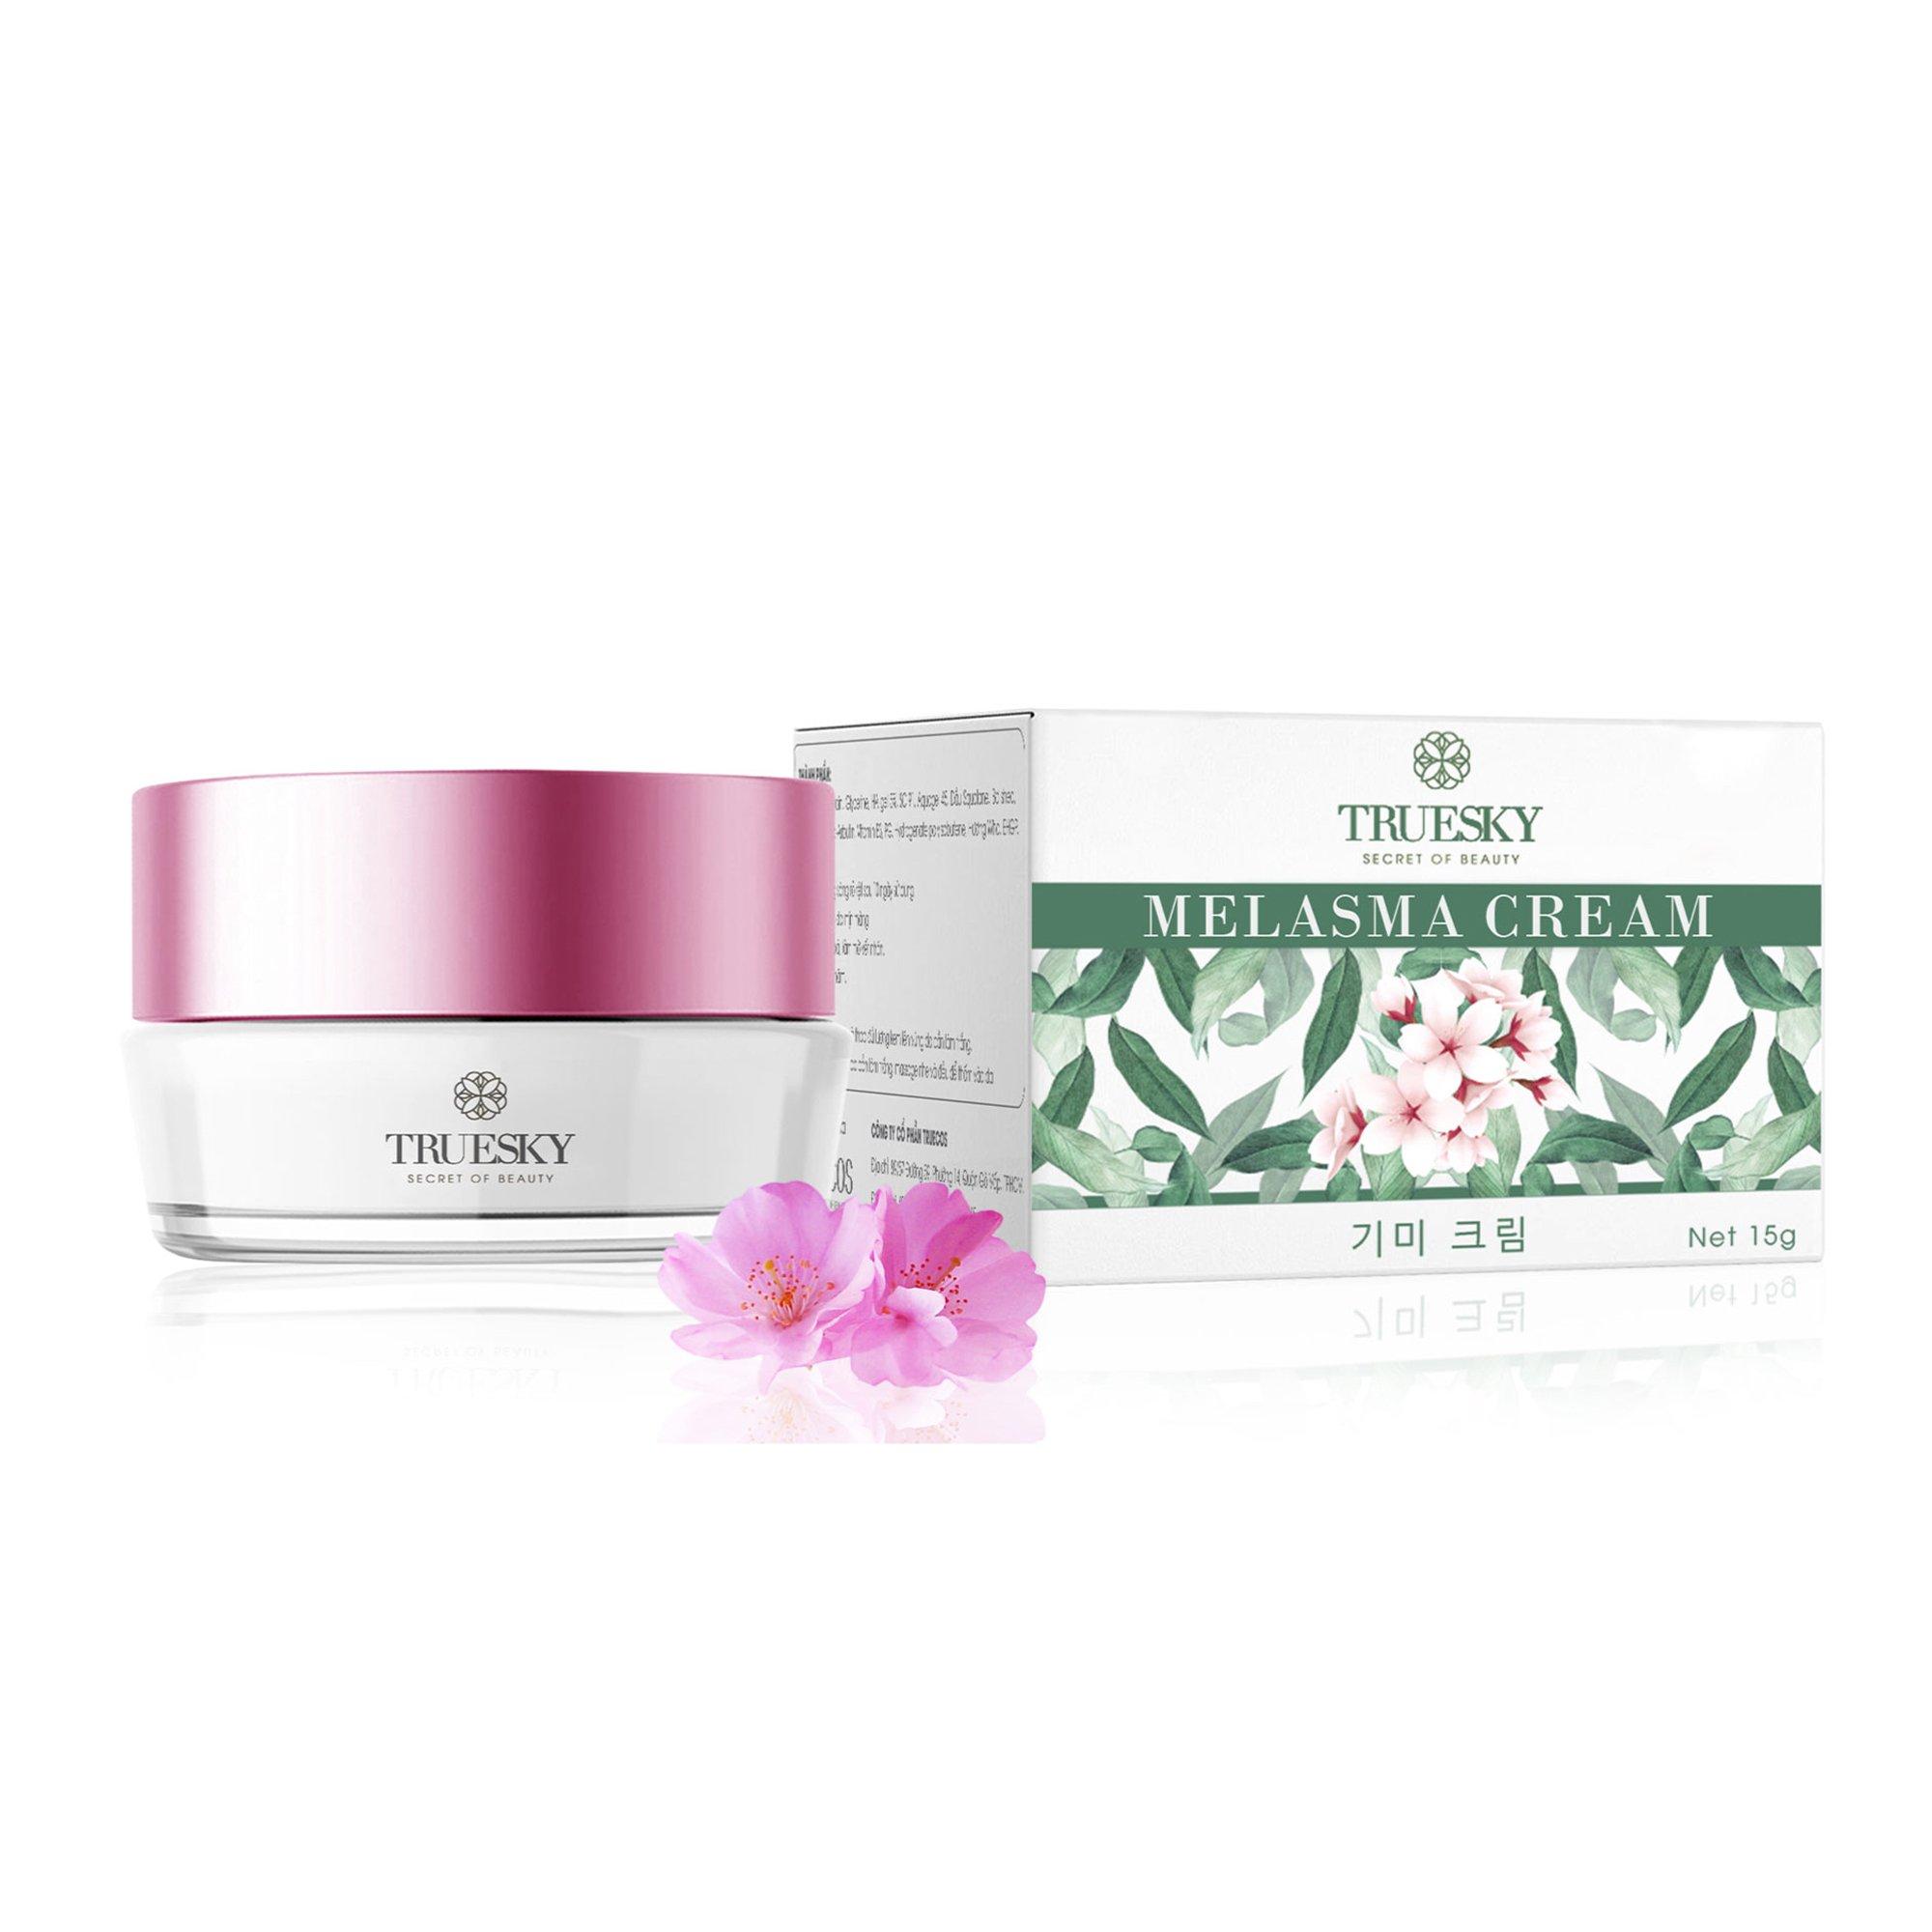 Kem ngăn ngừa nám da mặt Truesky chiết xuất hoa anh đào giúp làm mờ nám, tàn nhang, làm đều màu da 15g - Melasma Cream